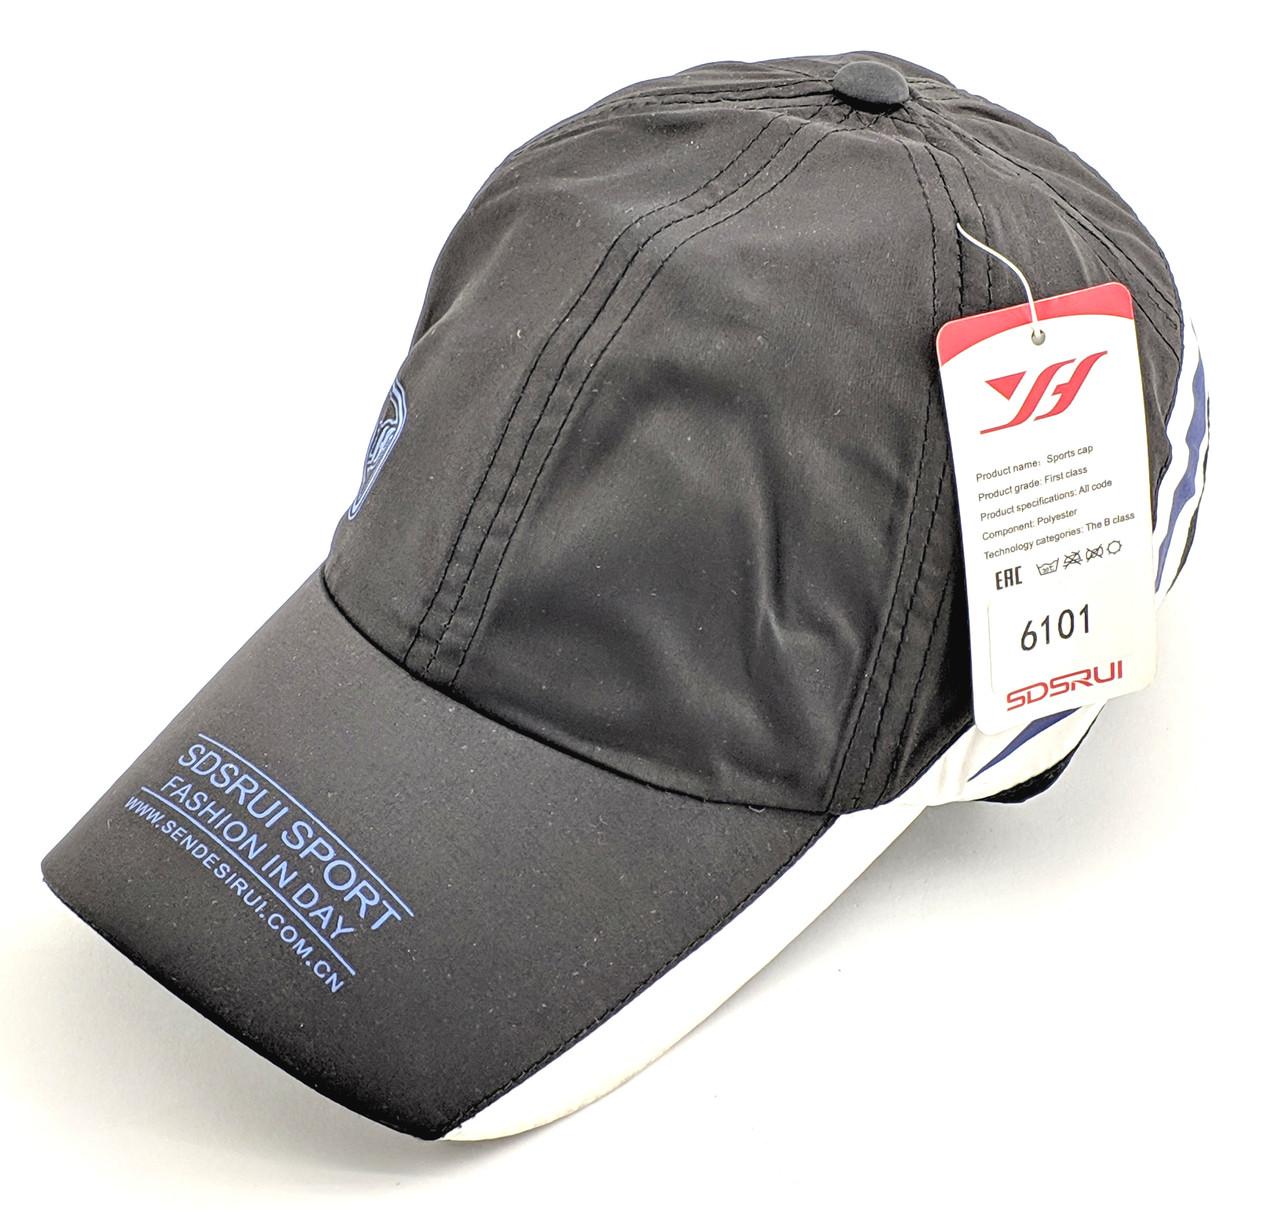 Детская бейсболка кепка с 52 по 56 размер детские бейсболки кепки летние для мальчика микрофибра